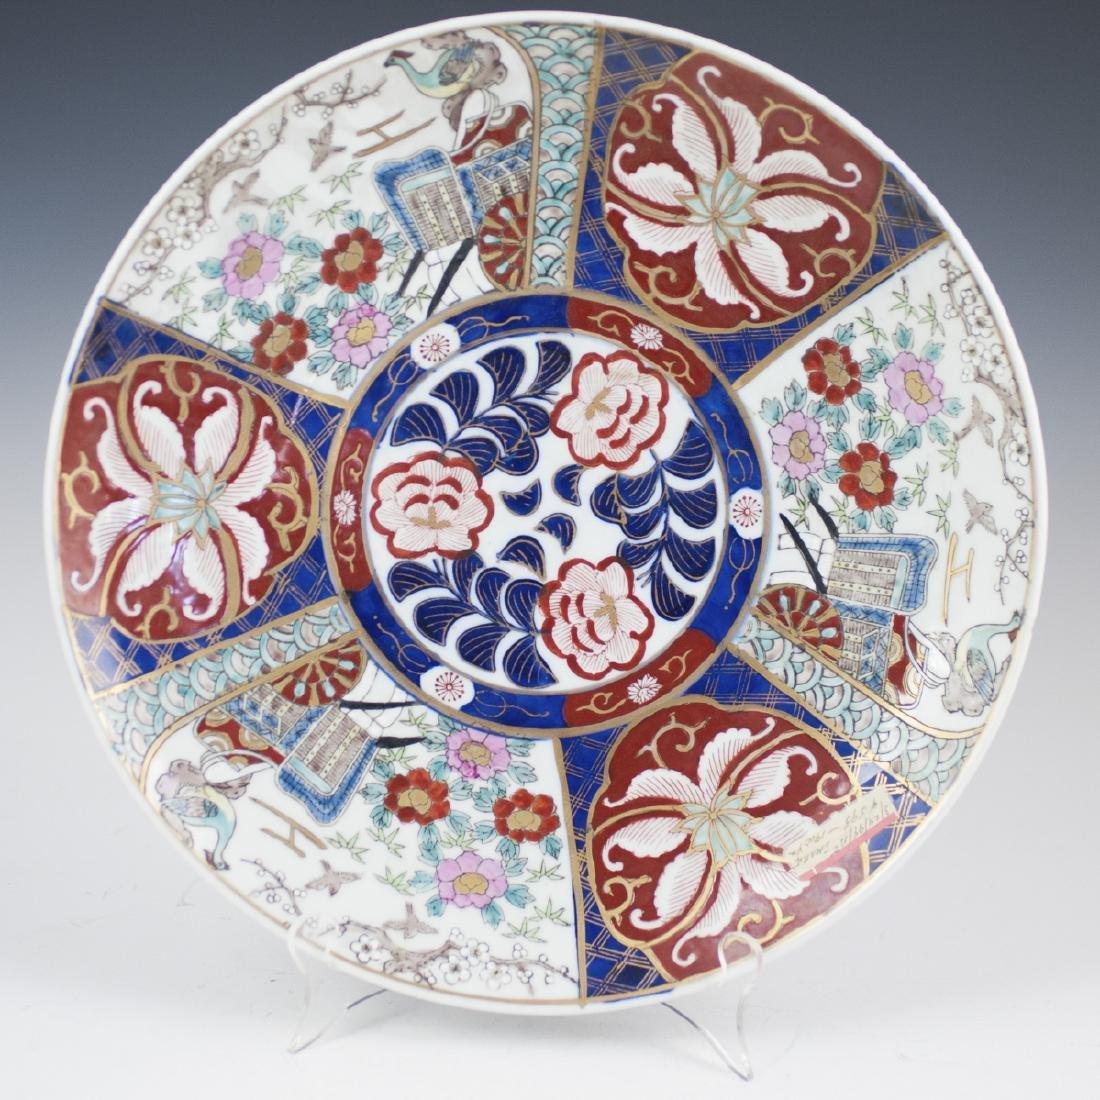 Japanese Imari Enameled Porcelain Charger